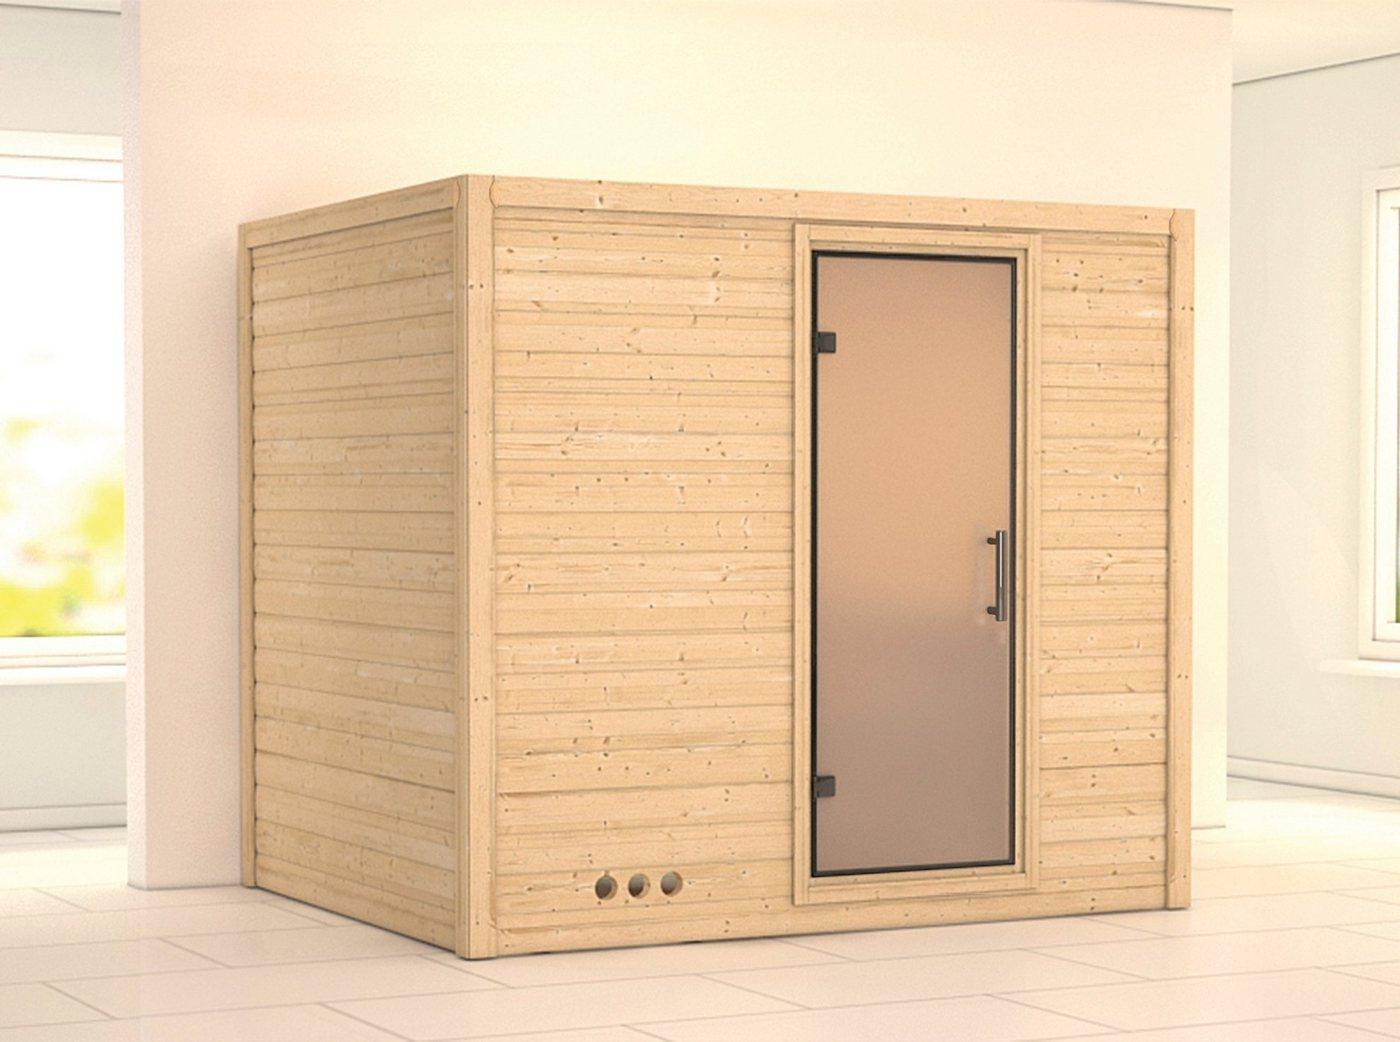 KARIBU Sauna »Sonara«, 236/184/209 cm, 9-kW-Ofen, int. Steuerung, Glastür satiniert